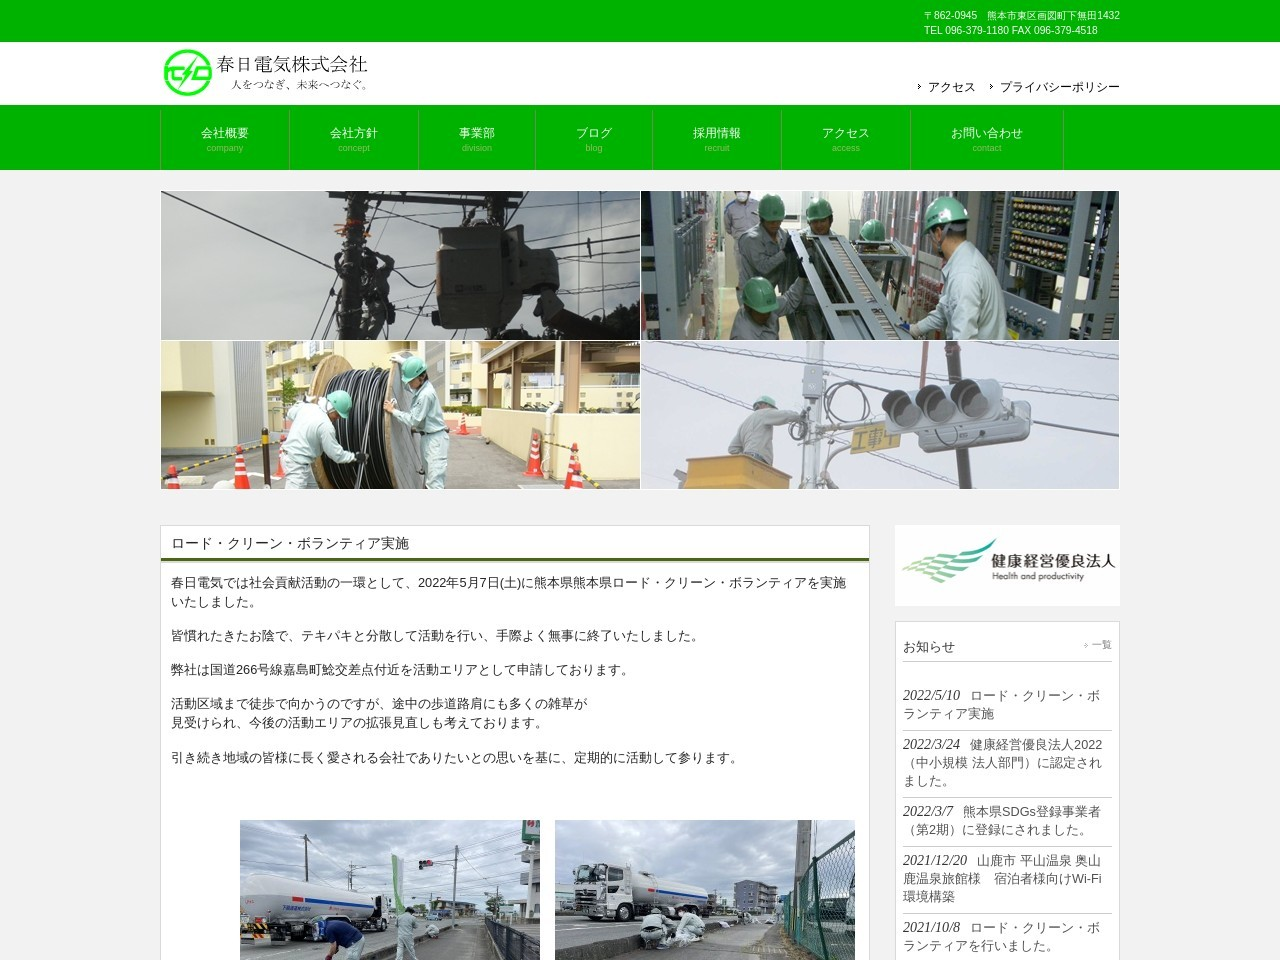 春日電気株式会社